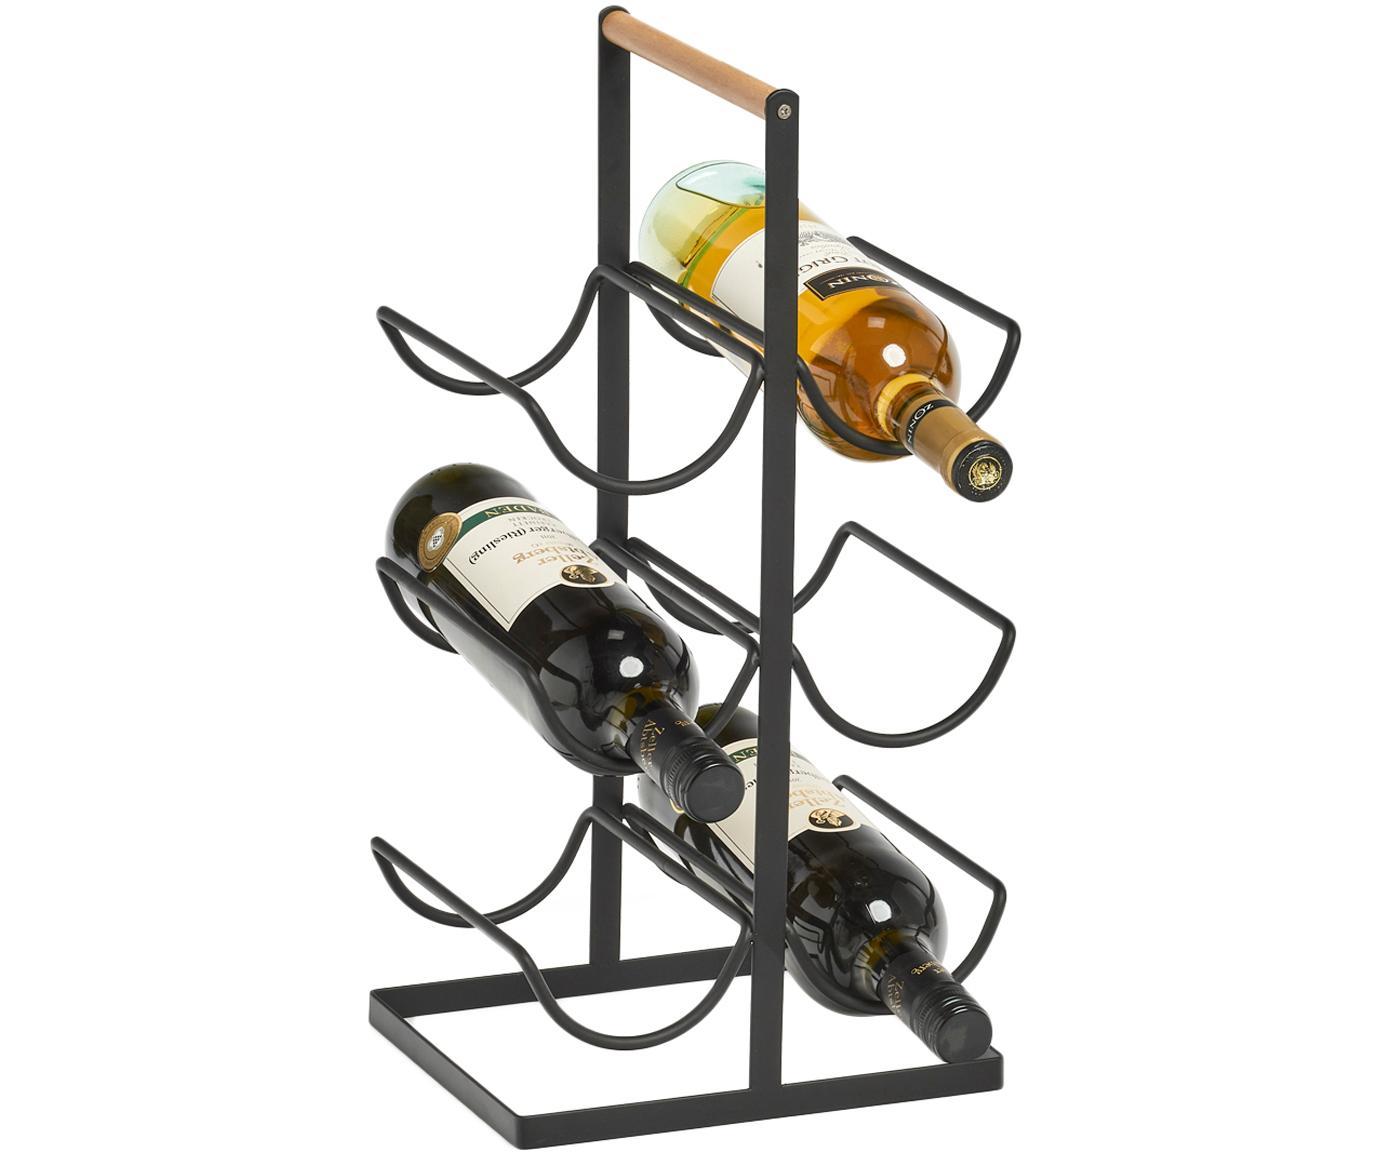 Weinregal Hadena, Gestell: Metall, pulverbeschichtet, Griff: Holz, Schwarz, Holz, 24 x 46 cm